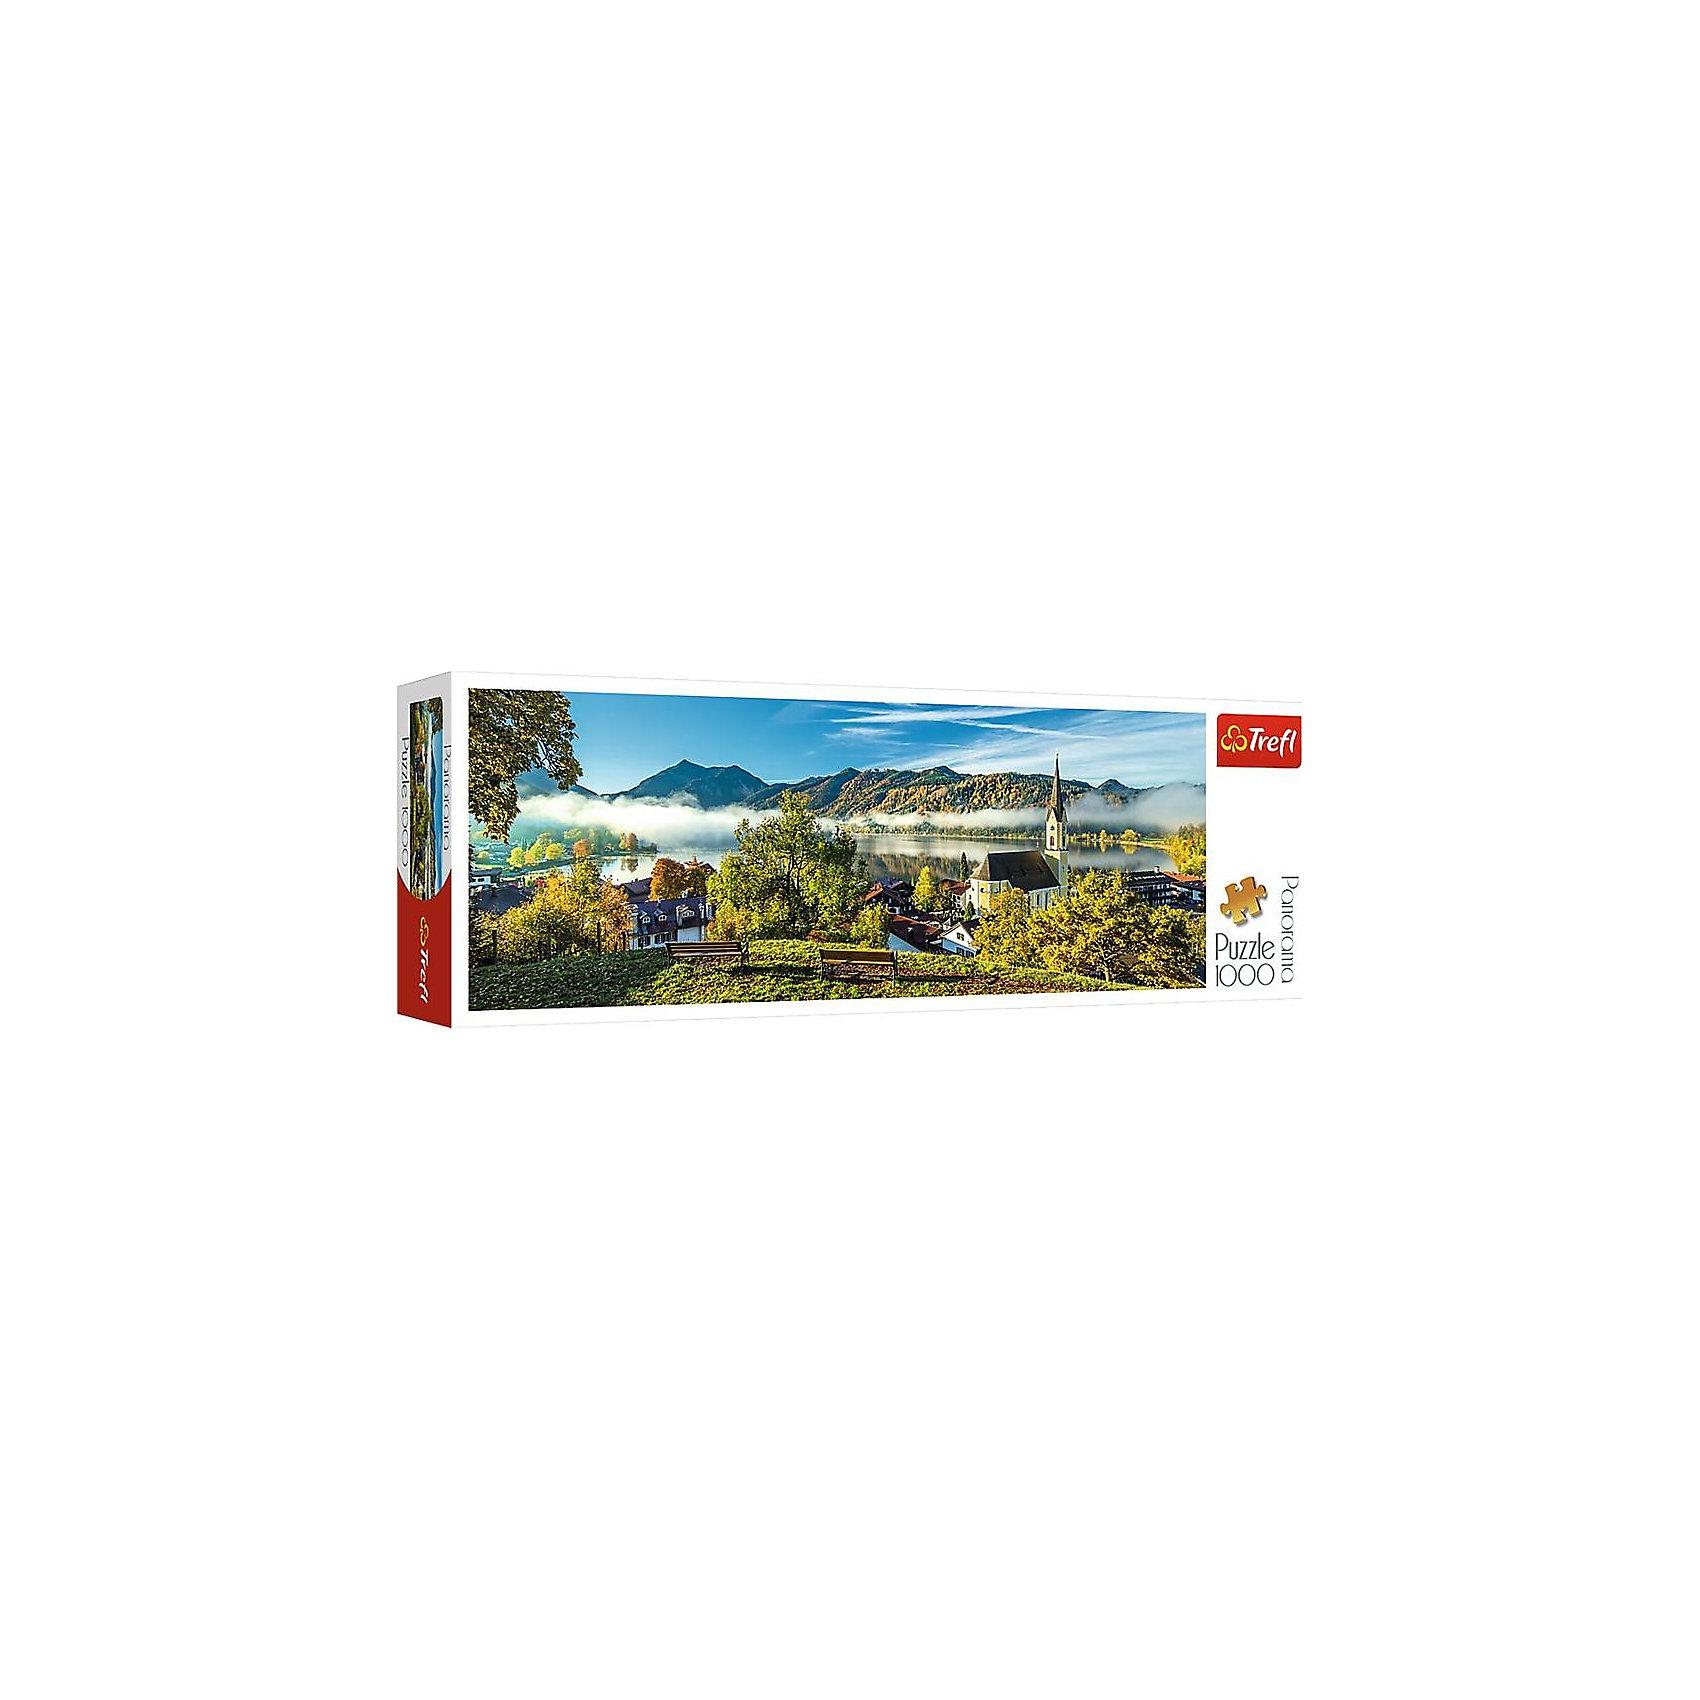 Пазлы панорамные «На берегу озера, Шлирзе», 1000 деталейПазлы для детей постарше<br>Панорамный пазл на 1000 деталей «Озеро Шлирзе» от Trefl – это большой, красивый и удивительно удачно пойманный фотографом кадр немецкого озера: небольшая аккуратная деревушка, чистая водная гладь и дымка, застилающая Баварские Альпы. Такую картину приятно собрать и повесить у себя дома. <br>А благодаря исключительному качеству пазлов Trefl в собранном виде «Озеро Шлирзе» будет по-настоящему привлекательно смотреться в любой комнате. Каландрированный картон (с повышенным лоском и гладкостью), а также фирменные, невероятно насыщенные и при этом экологически чистые краски Trefl придают изображению фотографическую четкость и реалистичность. А превосходная сцепка элементов картины между собой удовлетворит даже самого искушенного любителя пазлов.<br>Количество деталей: 1000. <br>Размеры картинки в собранном виде: 97х34 см. <br>Размеры коробки: 40х13,5х6,5 см. <br>Вес коробки: 0,7 кг. <br>Пазл предназначен для детей старше 12 лет.<br><br>Ширина мм: 405<br>Глубина мм: 345<br>Высота мм: 135<br>Вес г: 880<br>Возраст от месяцев: 144<br>Возраст до месяцев: 2147483647<br>Пол: Унисекс<br>Возраст: Детский<br>SKU: 7126347